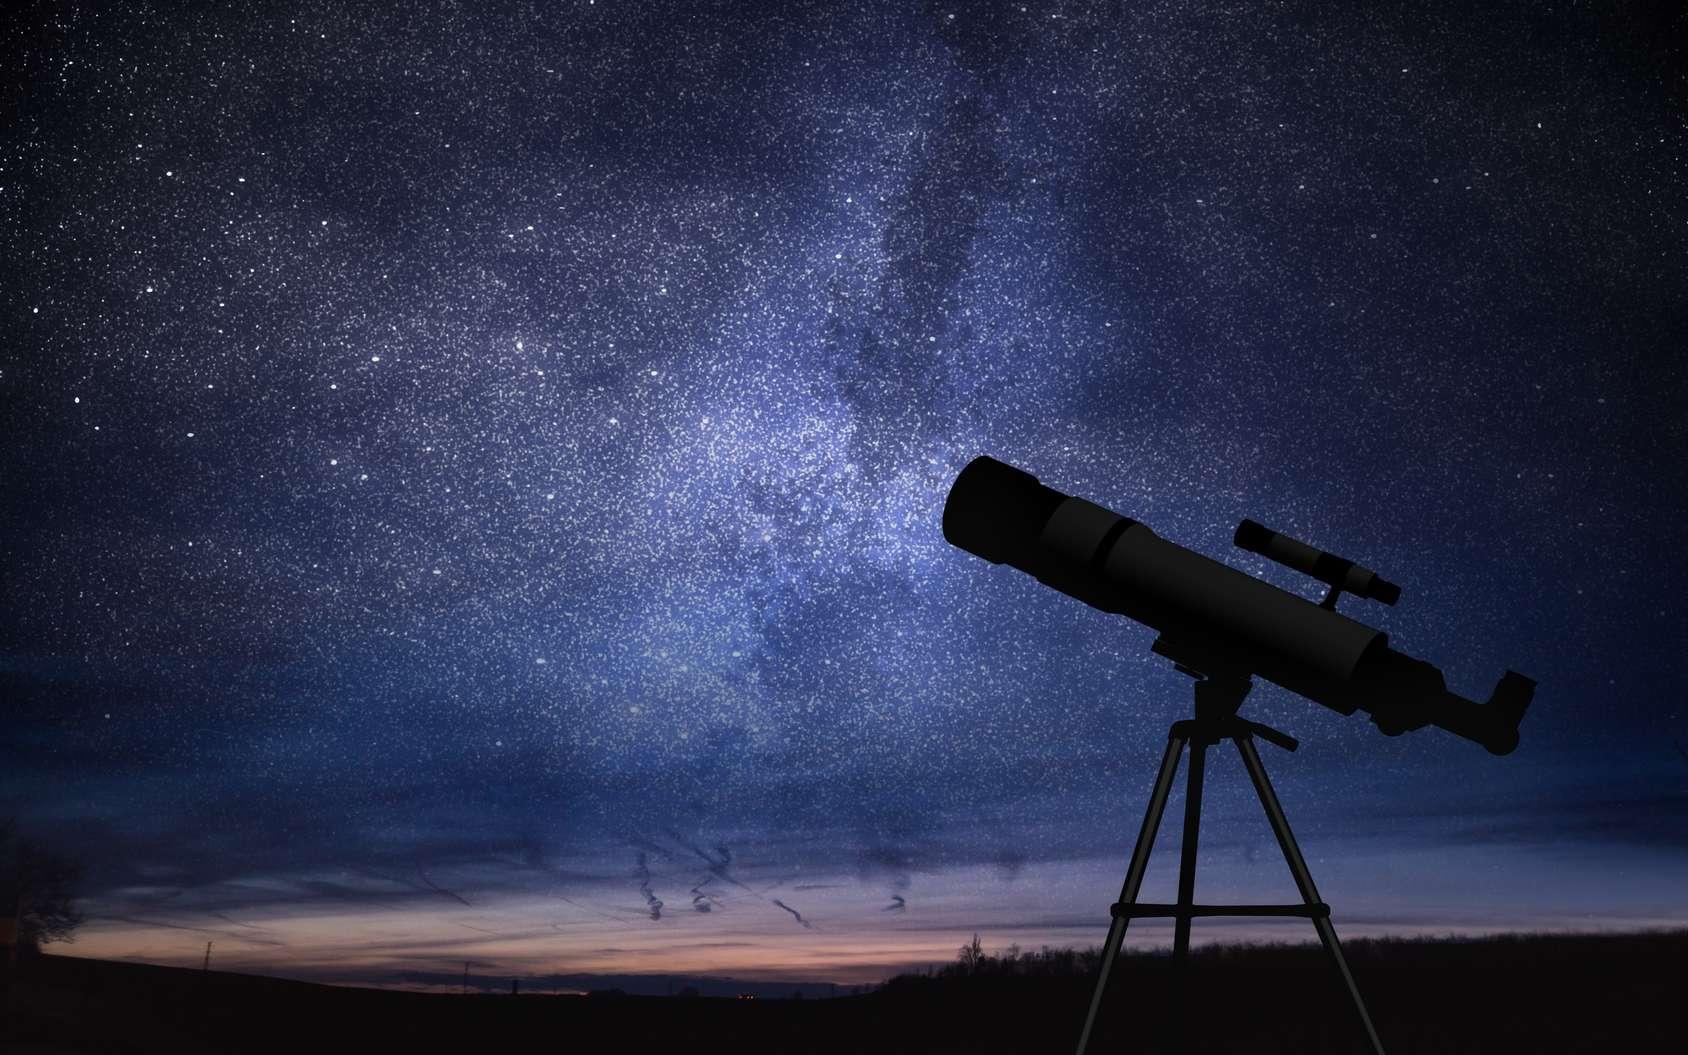 Une lunette astronomique permet d'observer les planètes. © vchalup, Fotolia